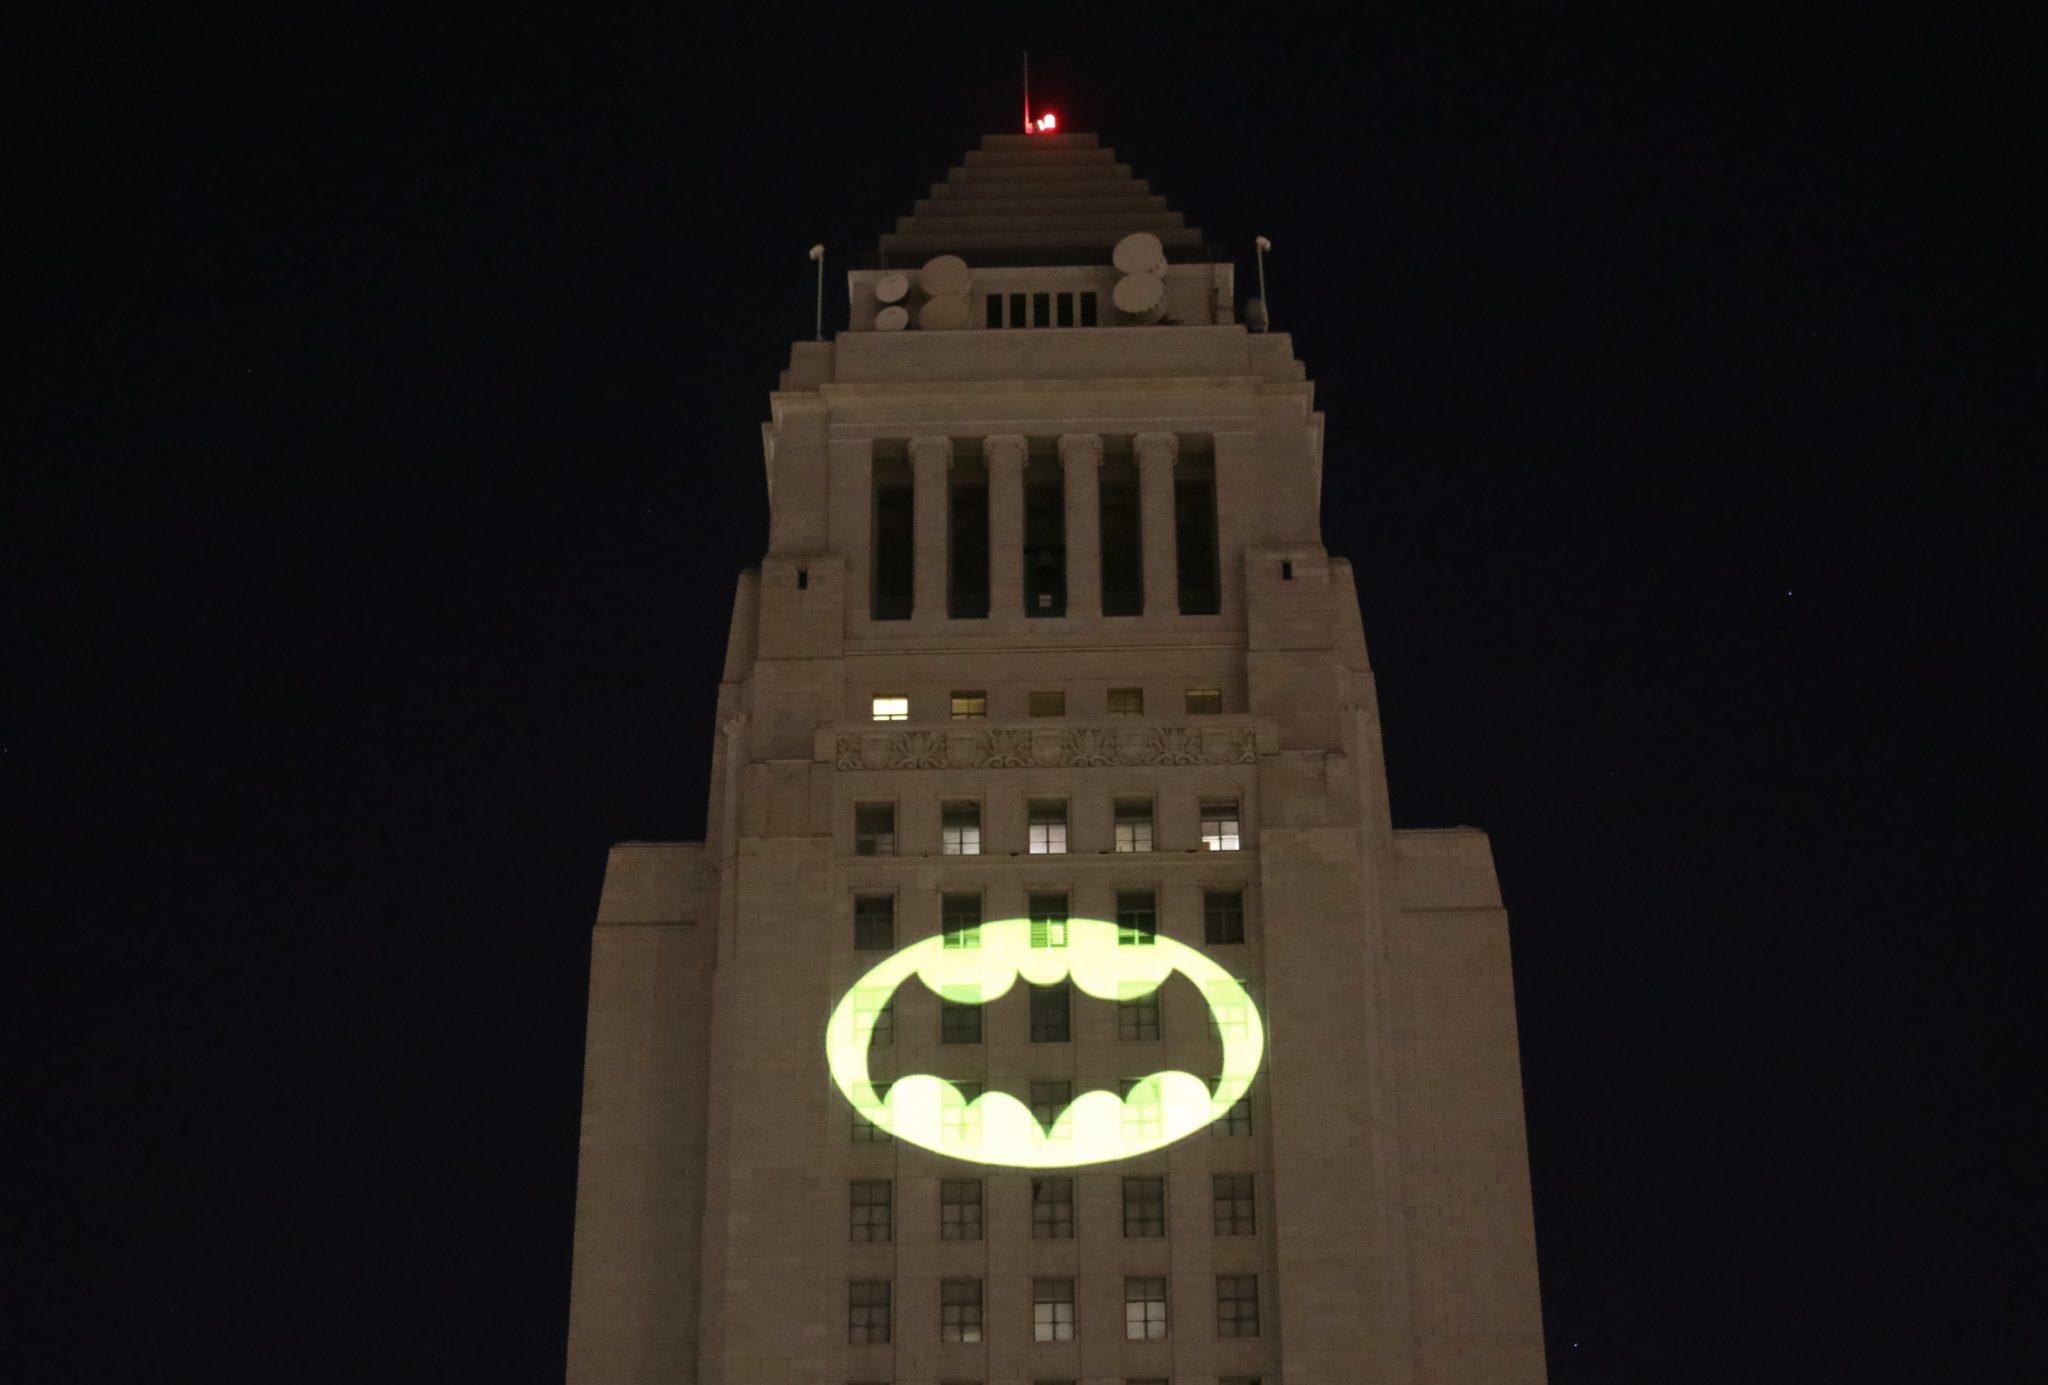 iluminacja hologramu Batmana w Los Angeles w Stanach Zjednoczonych